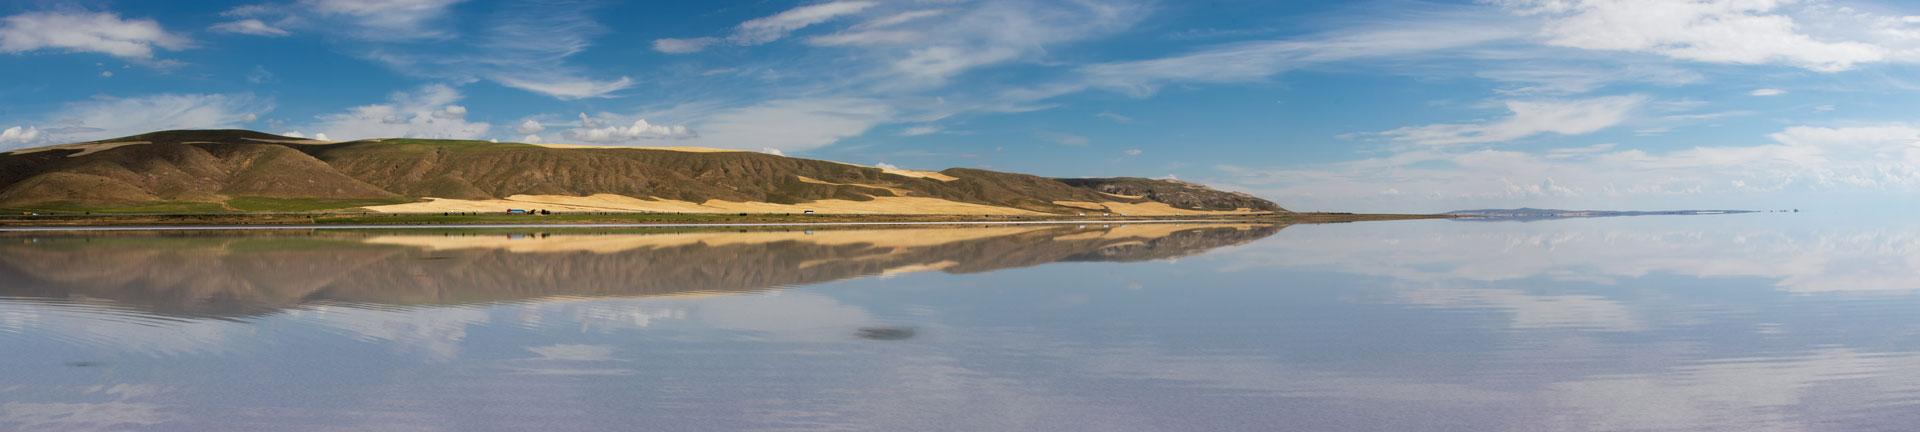 Tuz Gölü Fotoğrafları Çekergezer Hakan Aydın